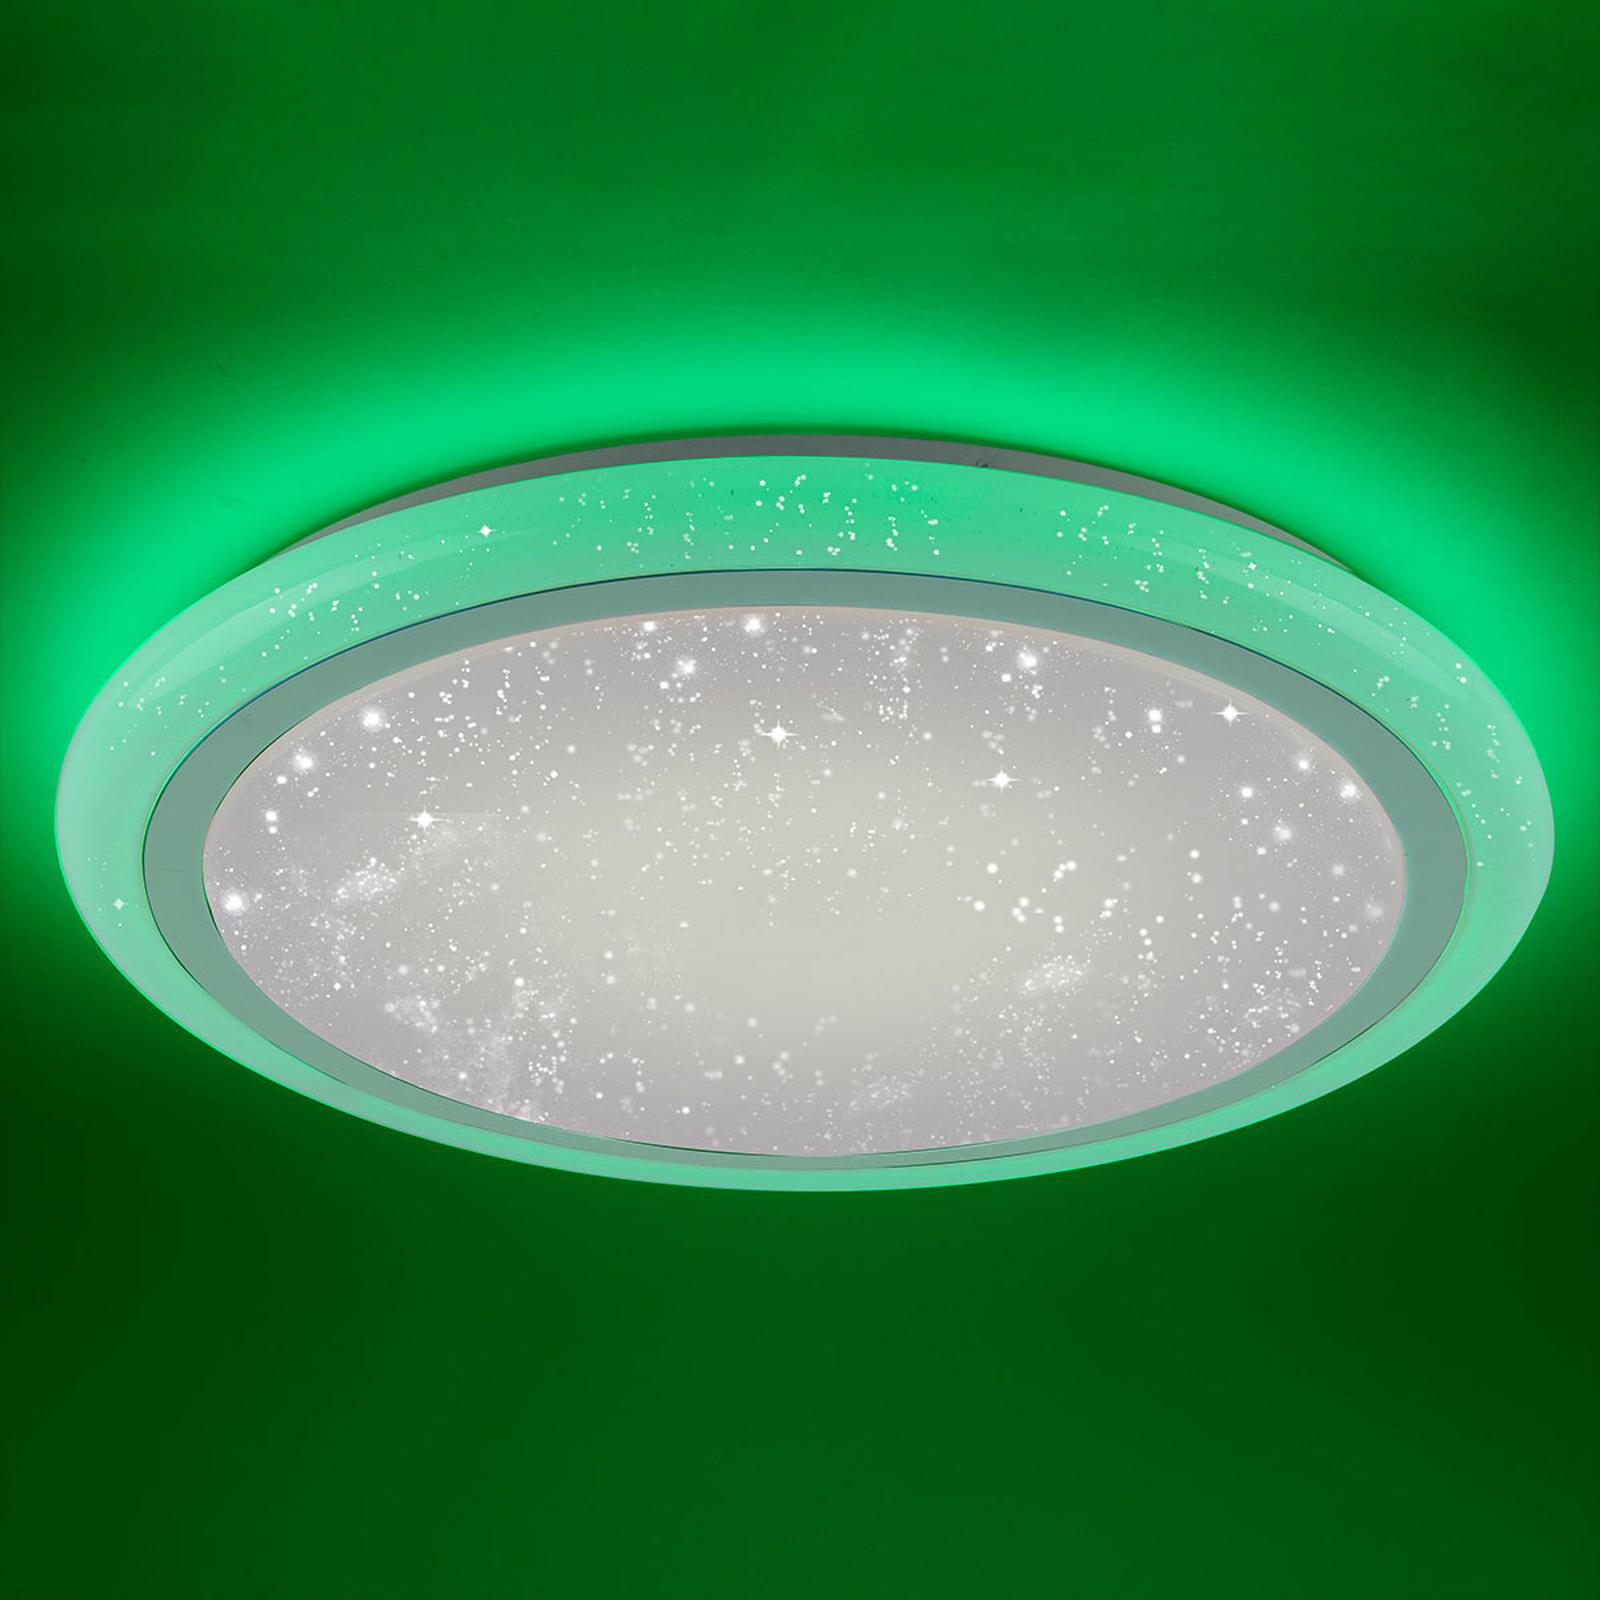 Styrbar LED-taklampe Luisa med fargeveksling